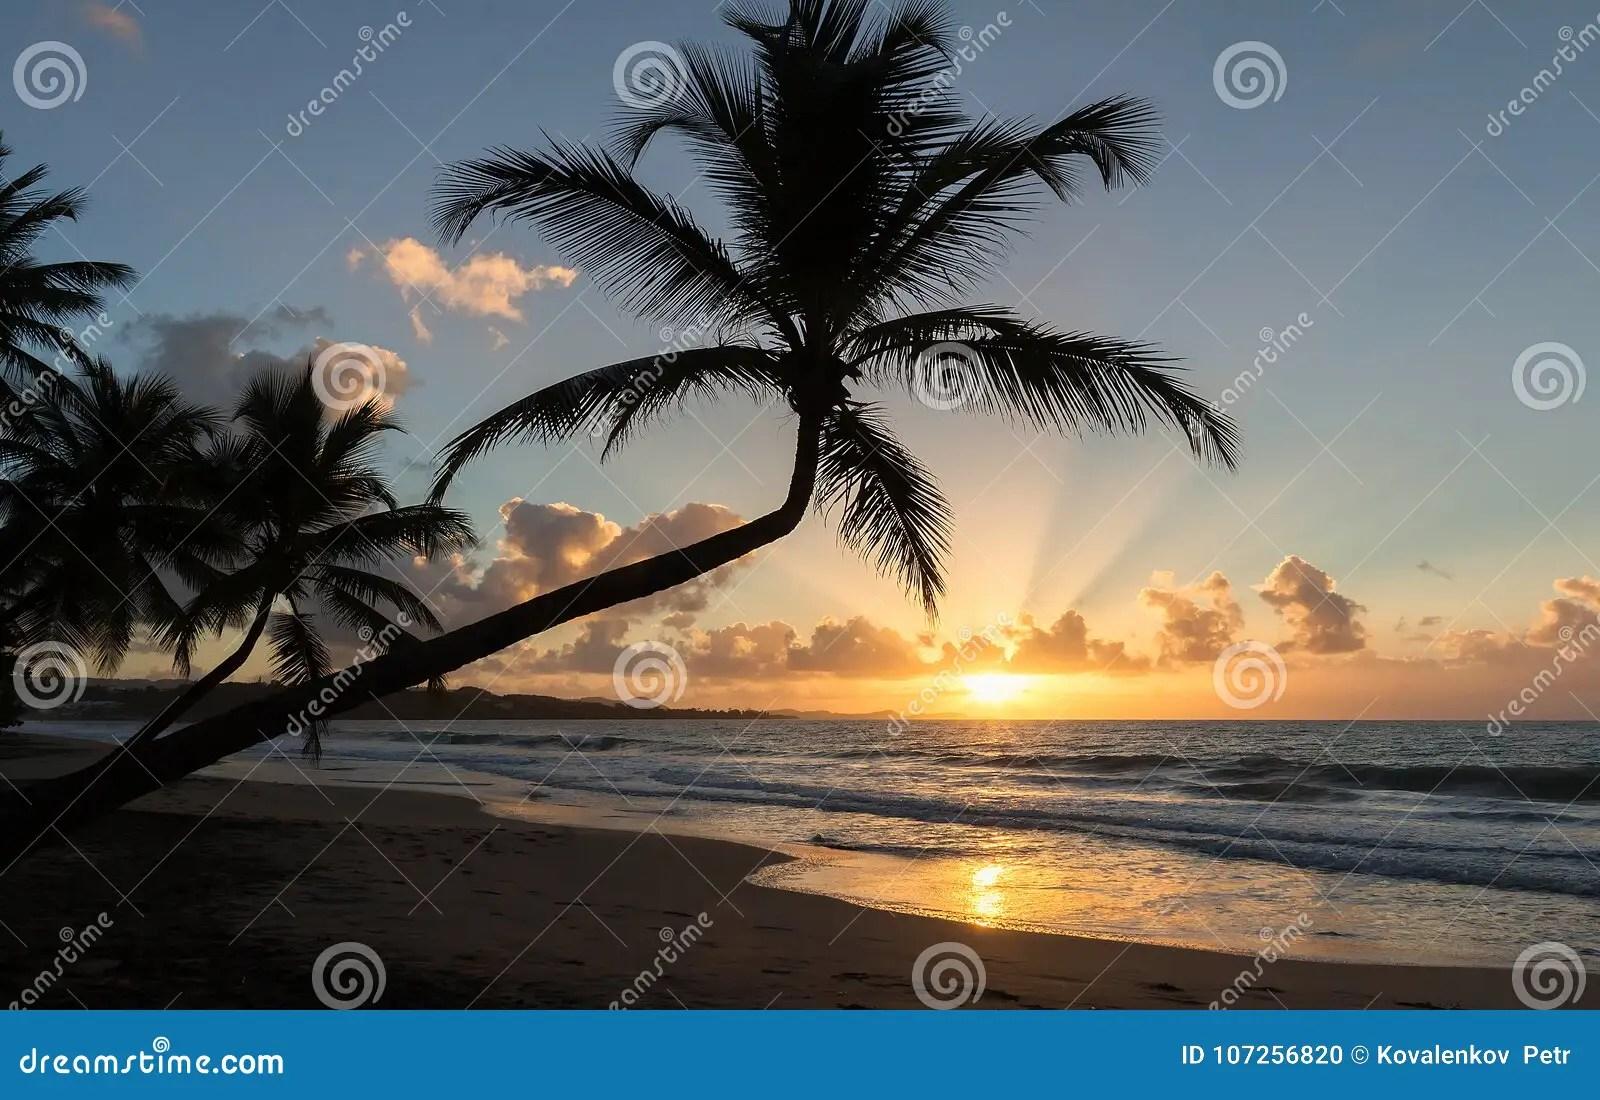 coucher du soleil plage de paradis et